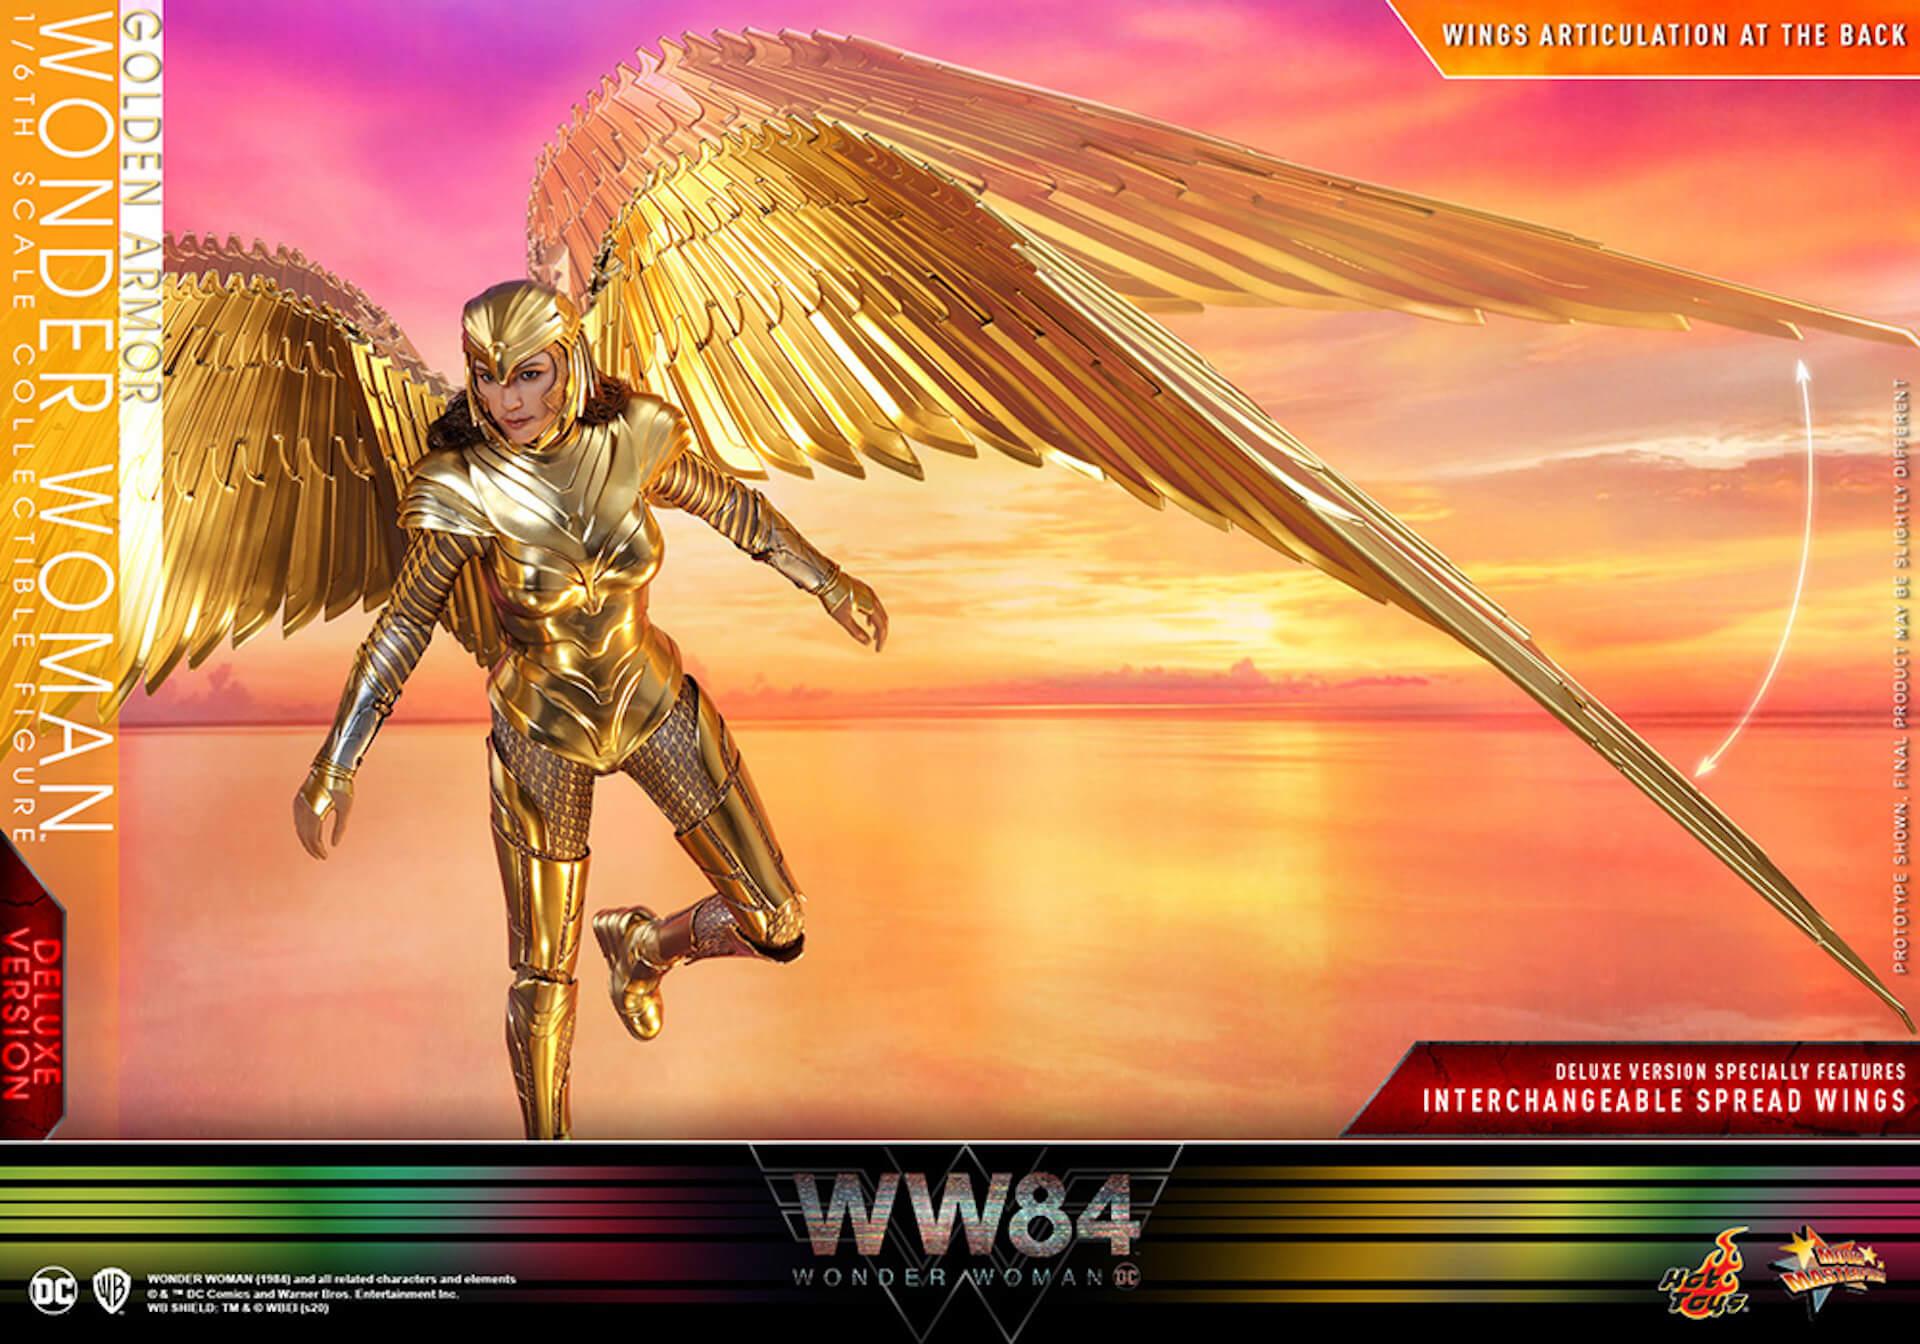 最新作『ワンダーウーマン 1984』からゴールドアーマー装着のワンダーウーマンフィギュアがホットトイズで登場! art200528_ww_hottoys_5